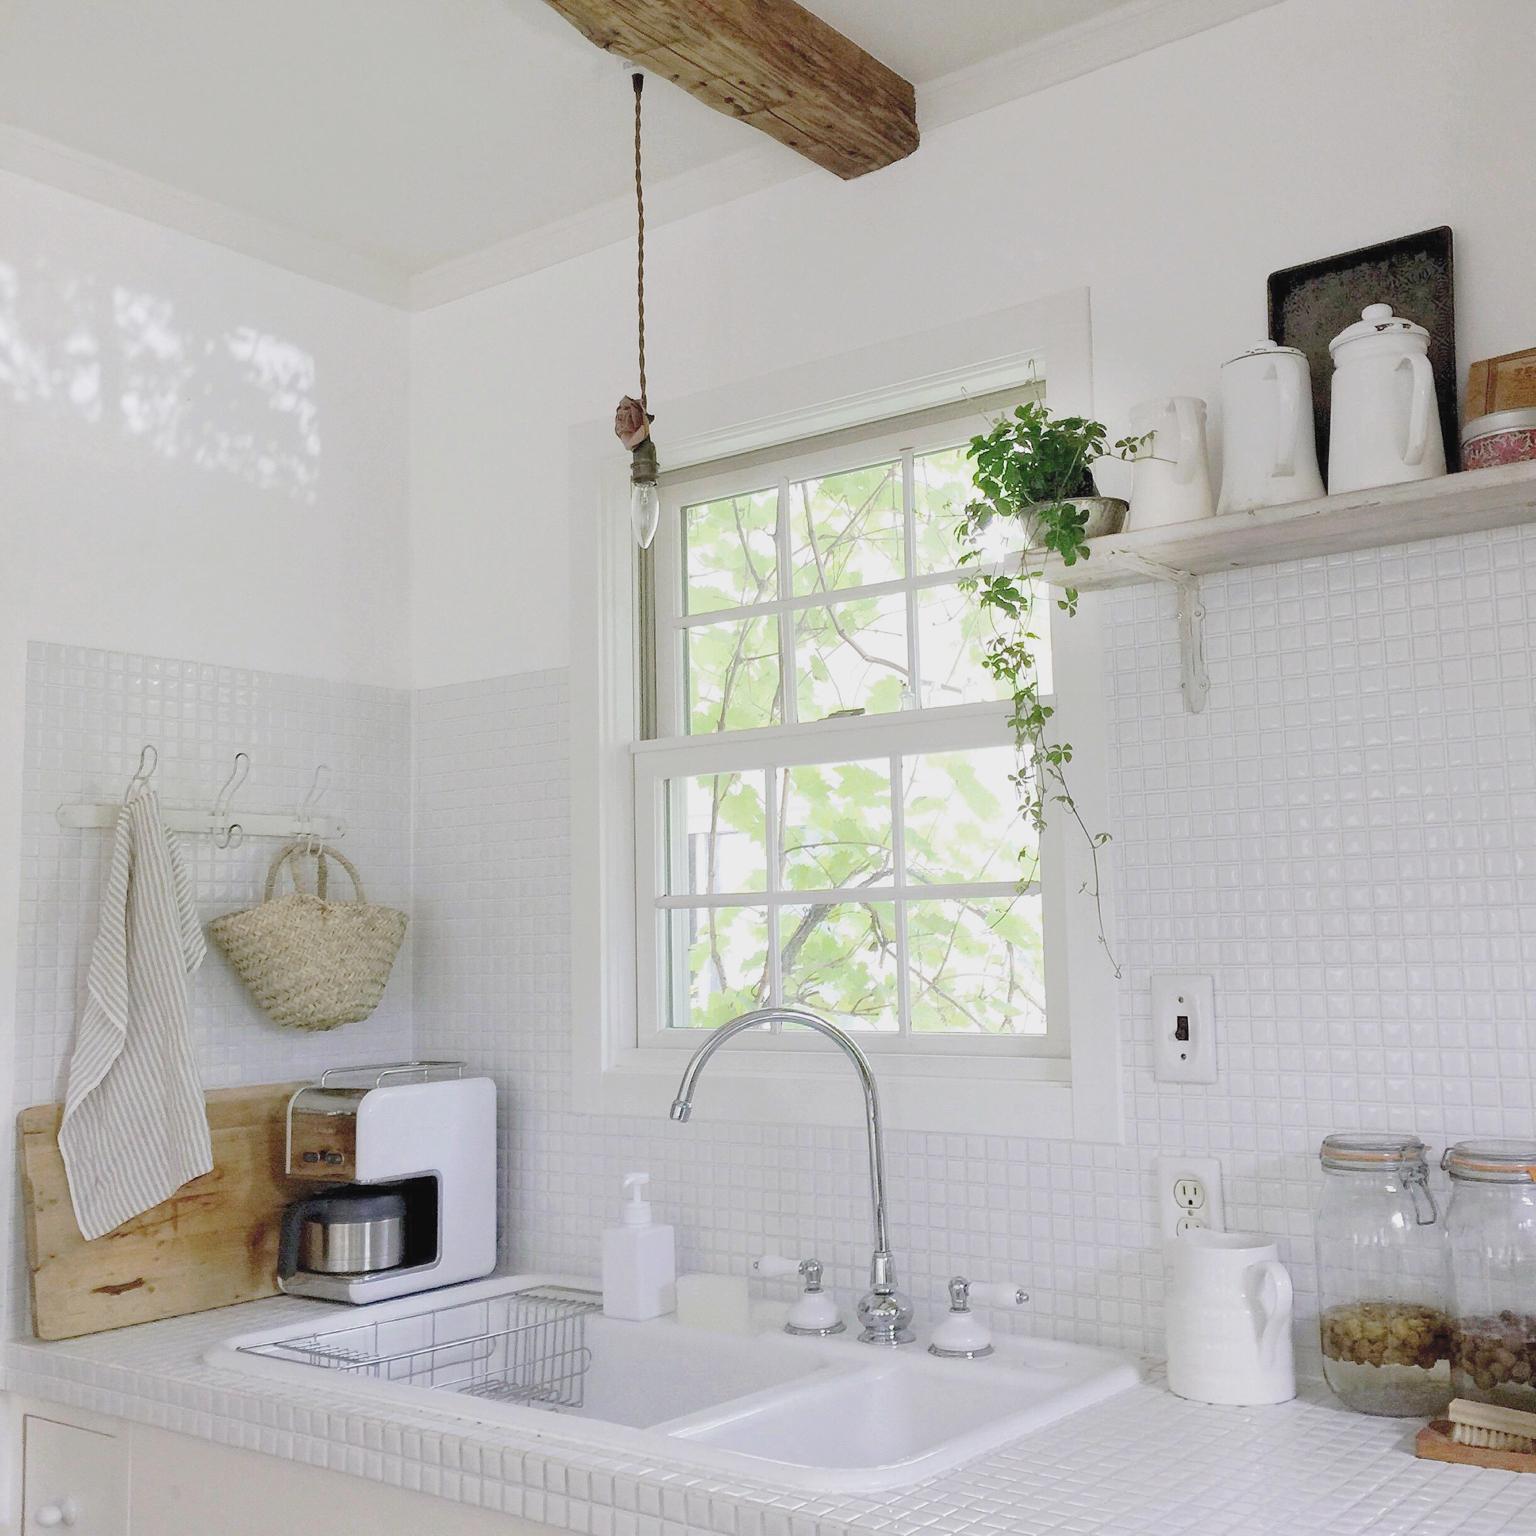 お家の中で日光浴♡光が心地よい窓と窓辺のある風景